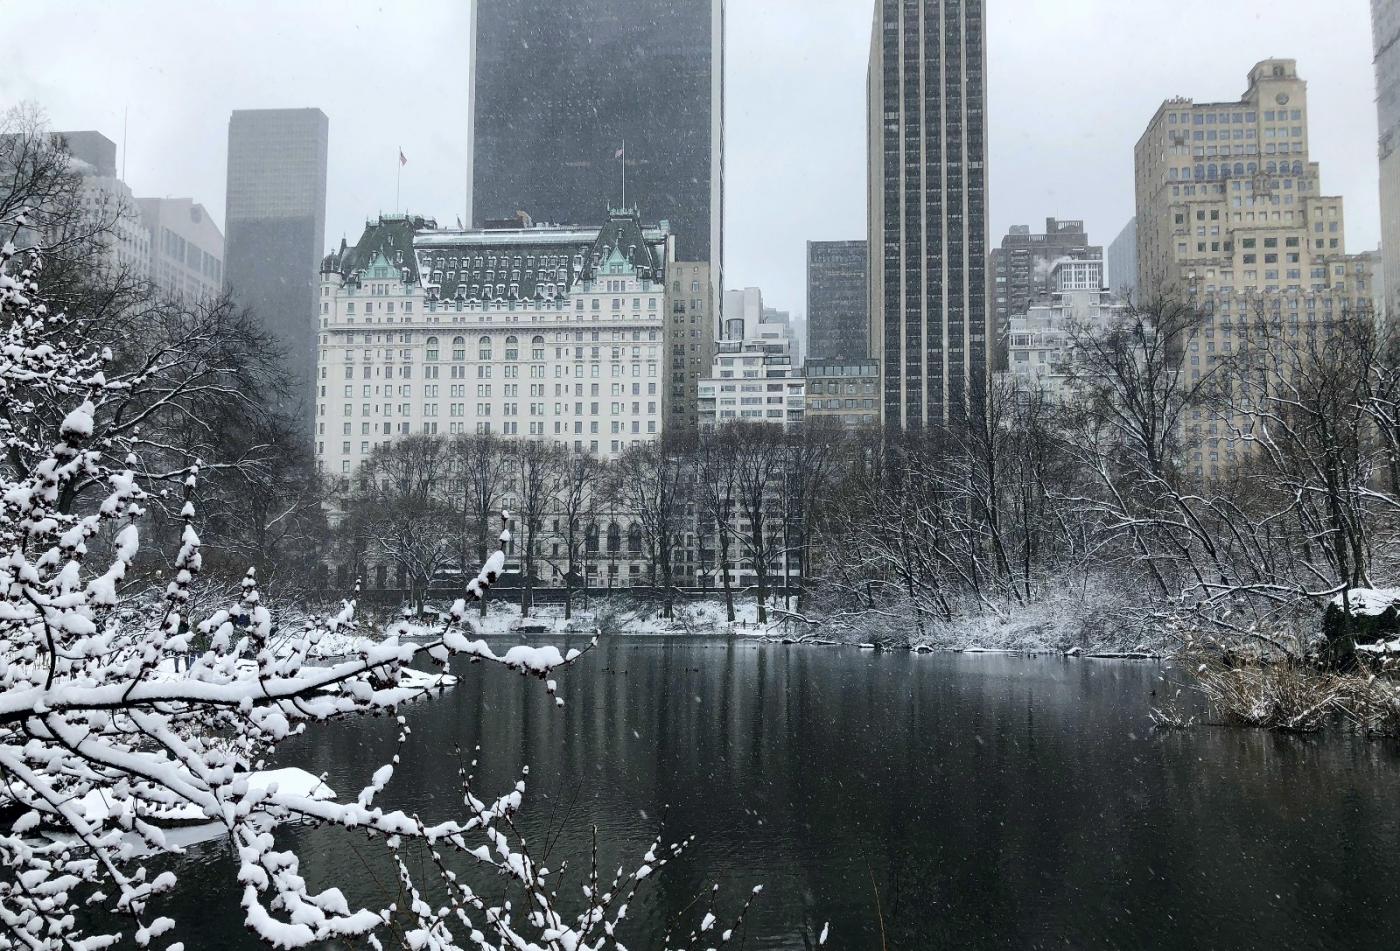 【田螺手机摄影】纽约雪景、还是中央公园最漂亮[二]_图1-7